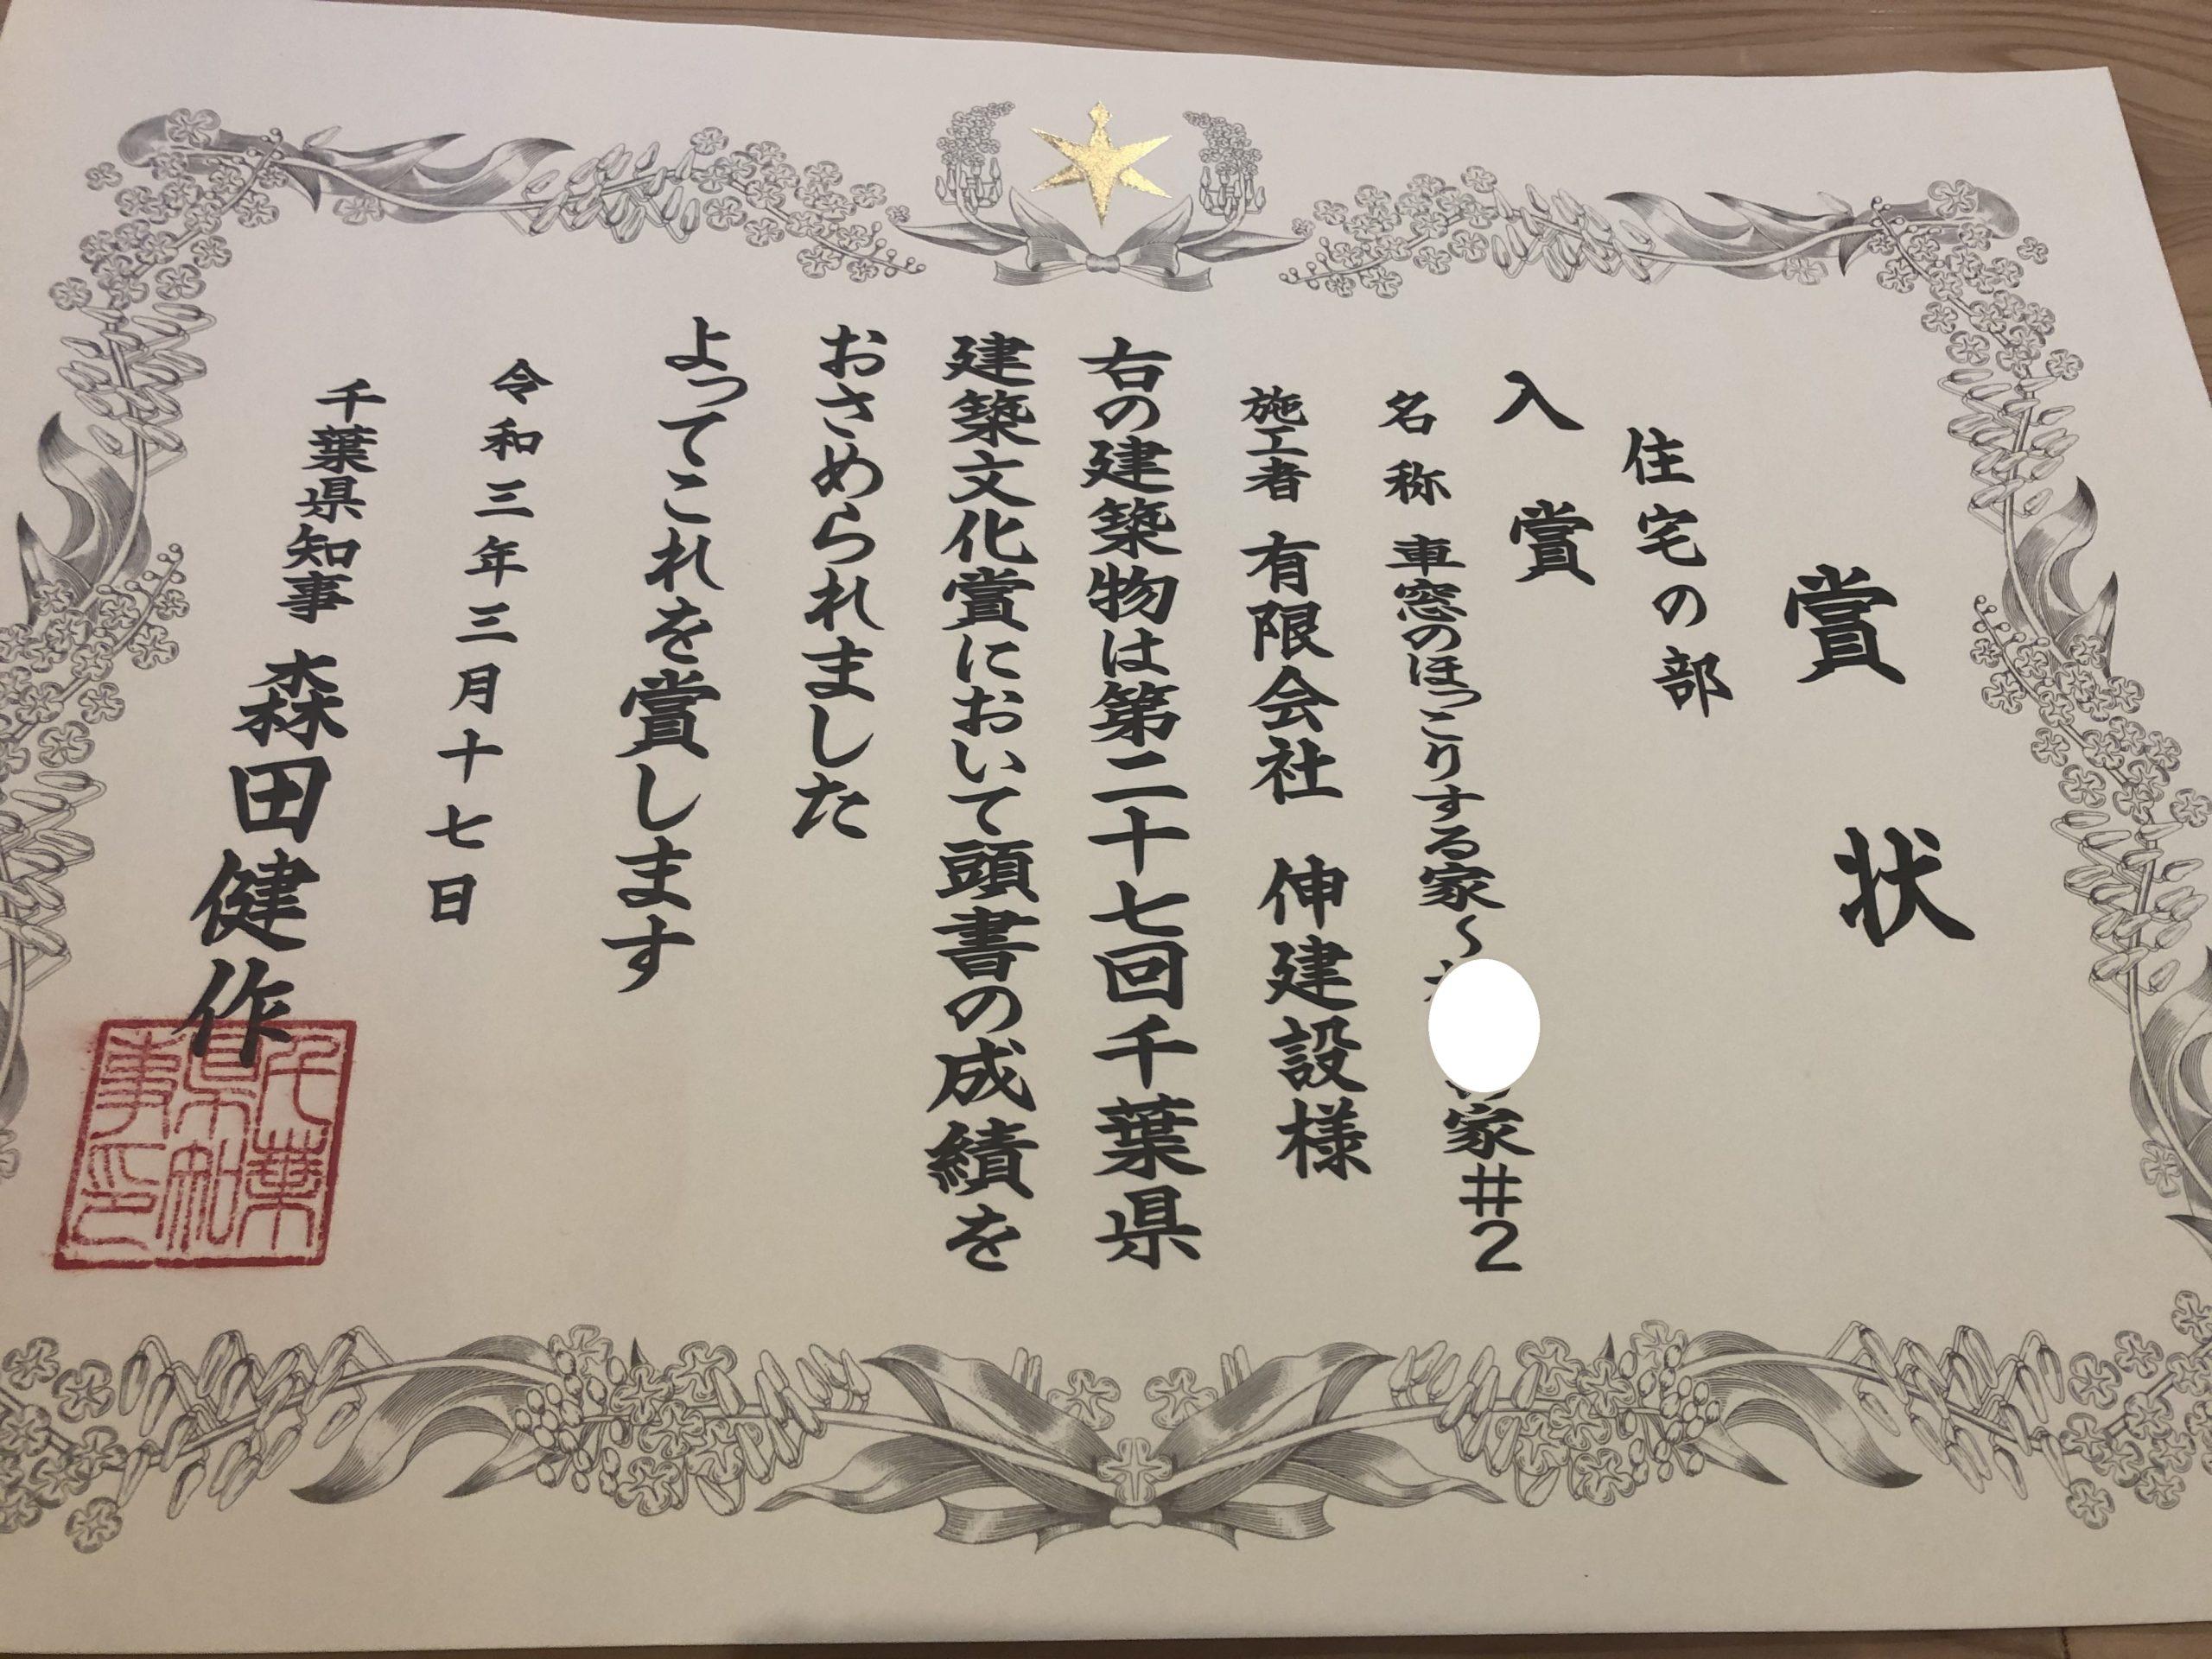 千葉県建築文化賞に入賞いたしました。